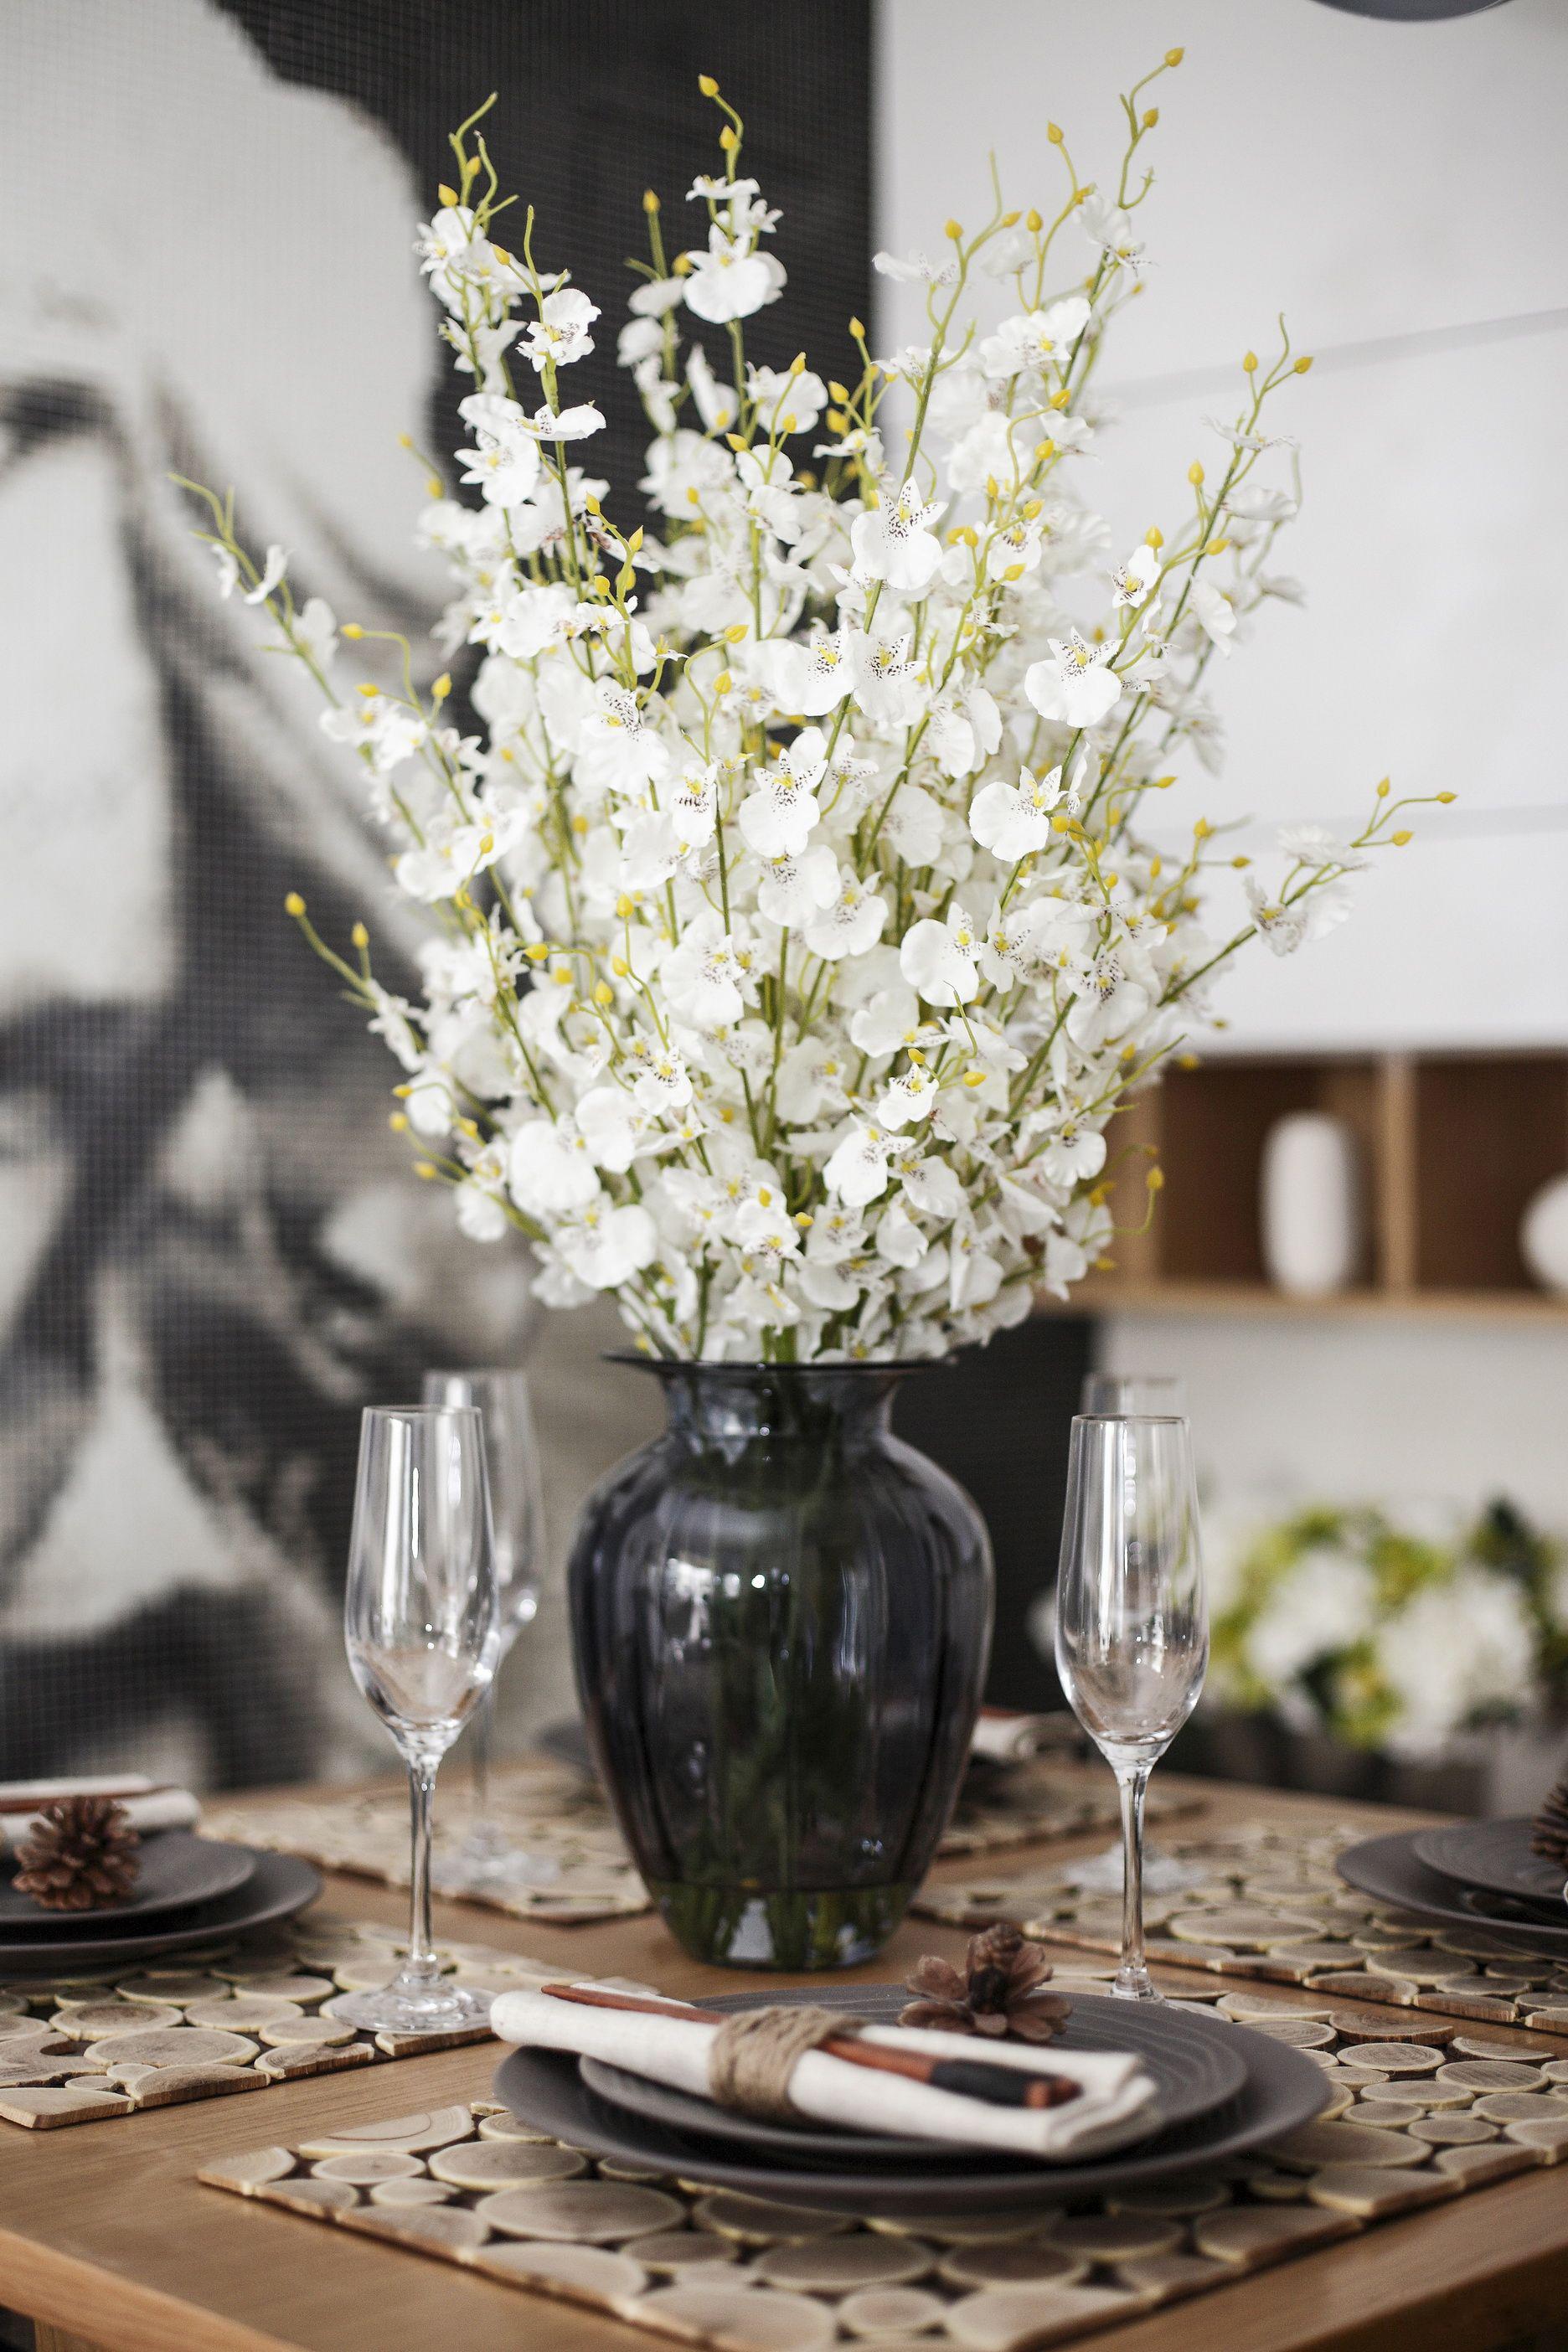 现代风格二居室装修餐桌花饰特写